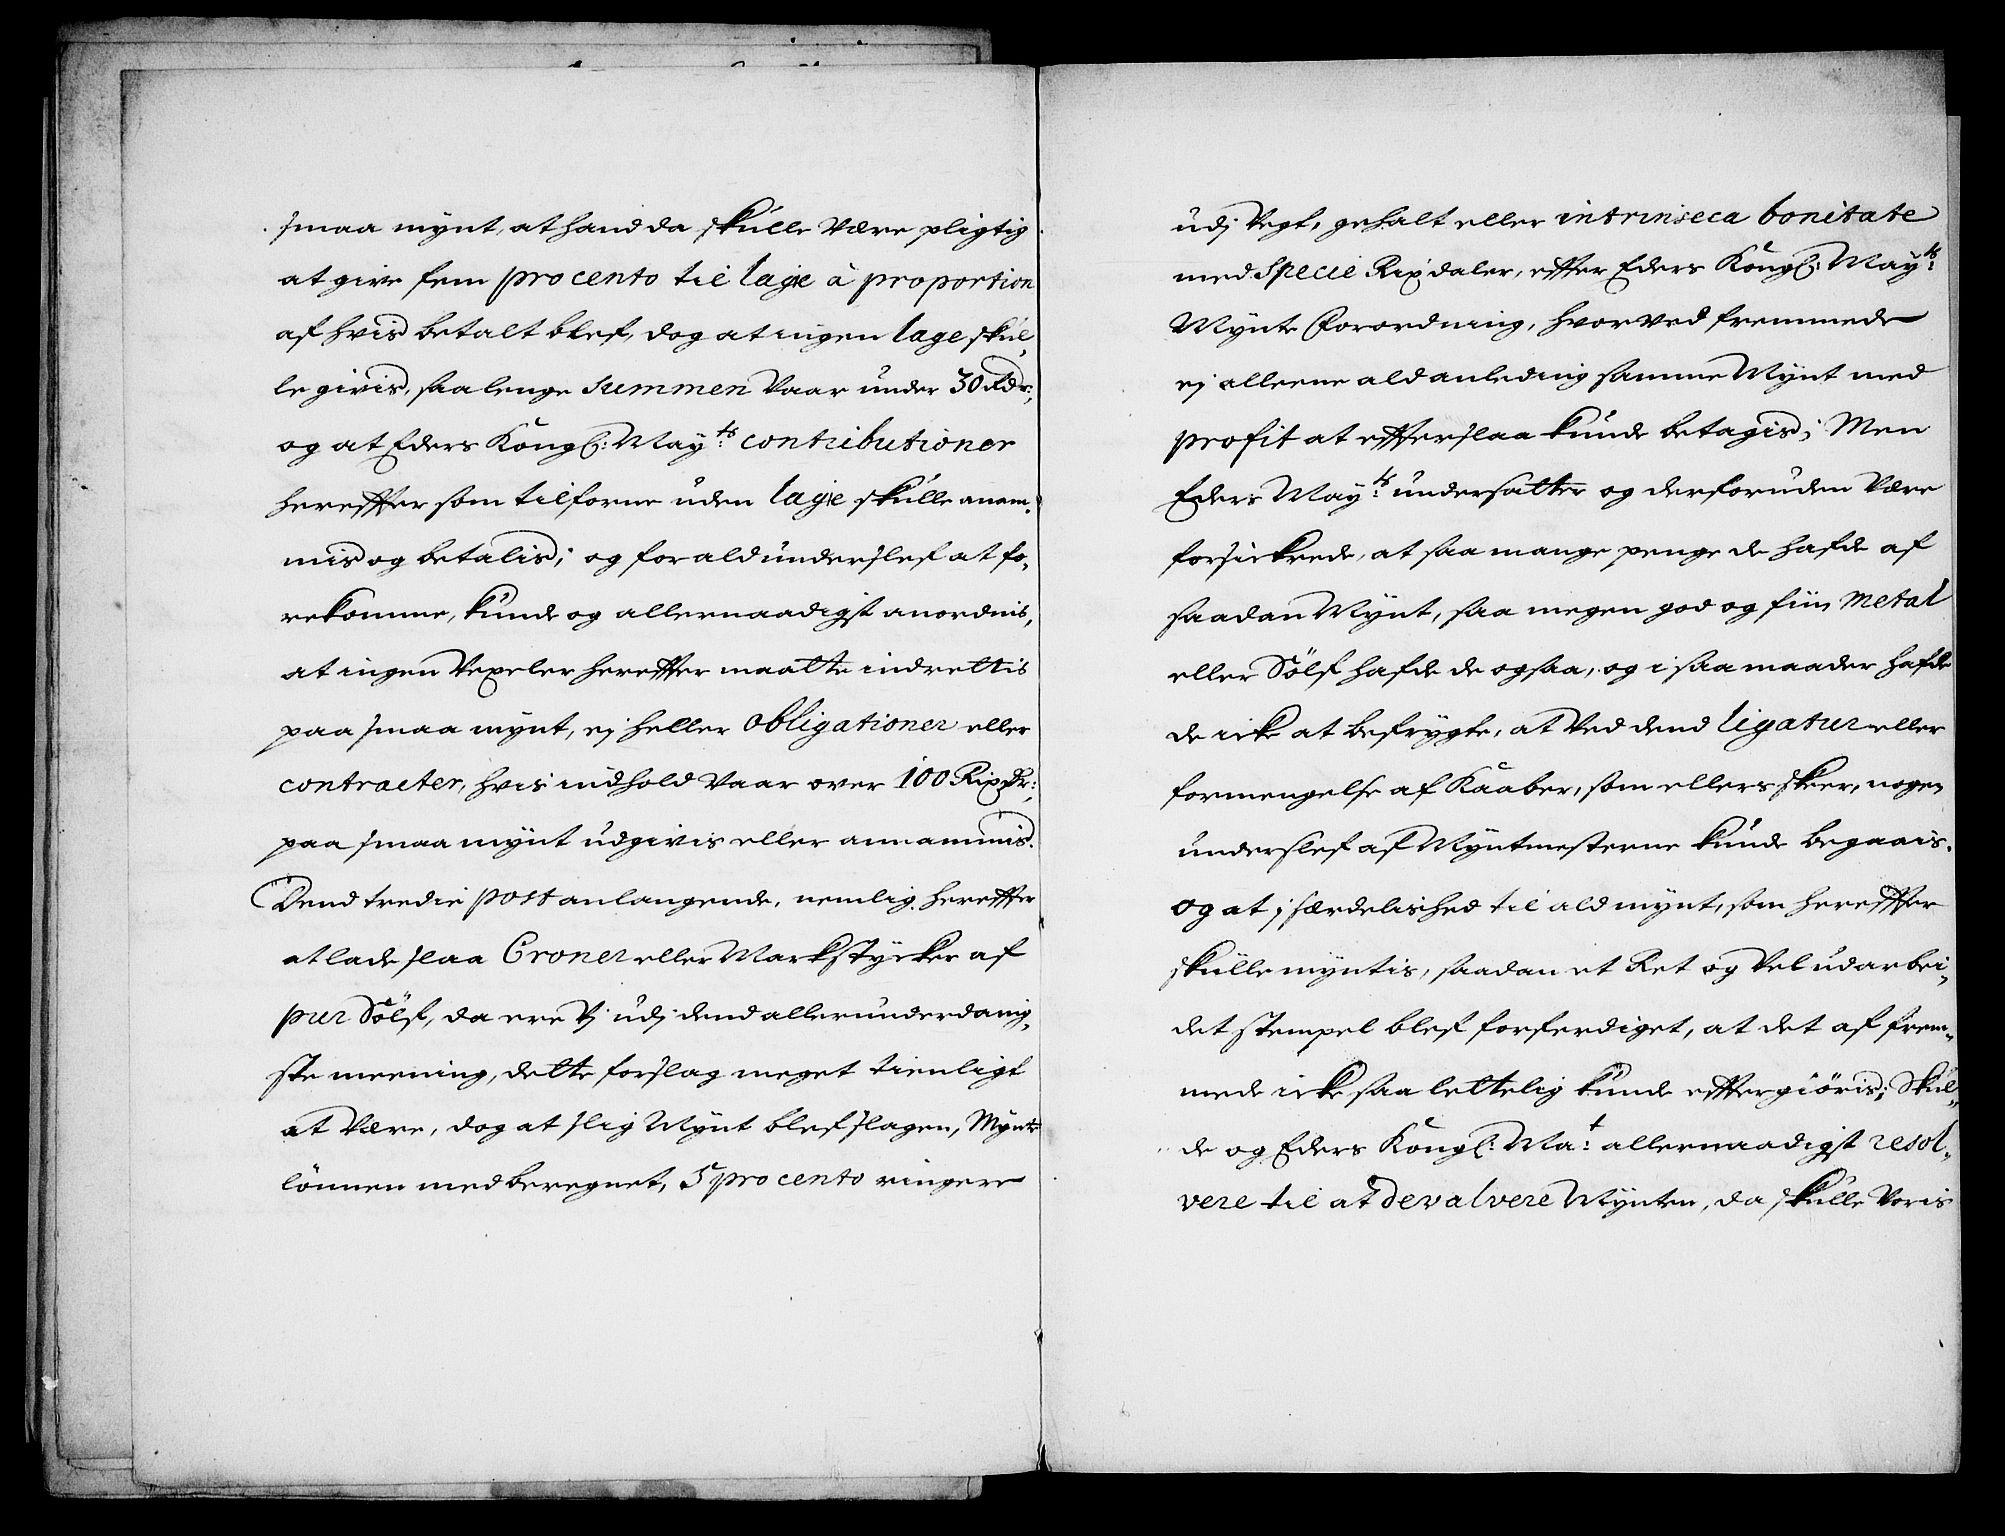 RA, Danske Kanselli, Skapsaker, G/L0019: Tillegg til skapsakene, 1616-1753, s. 339